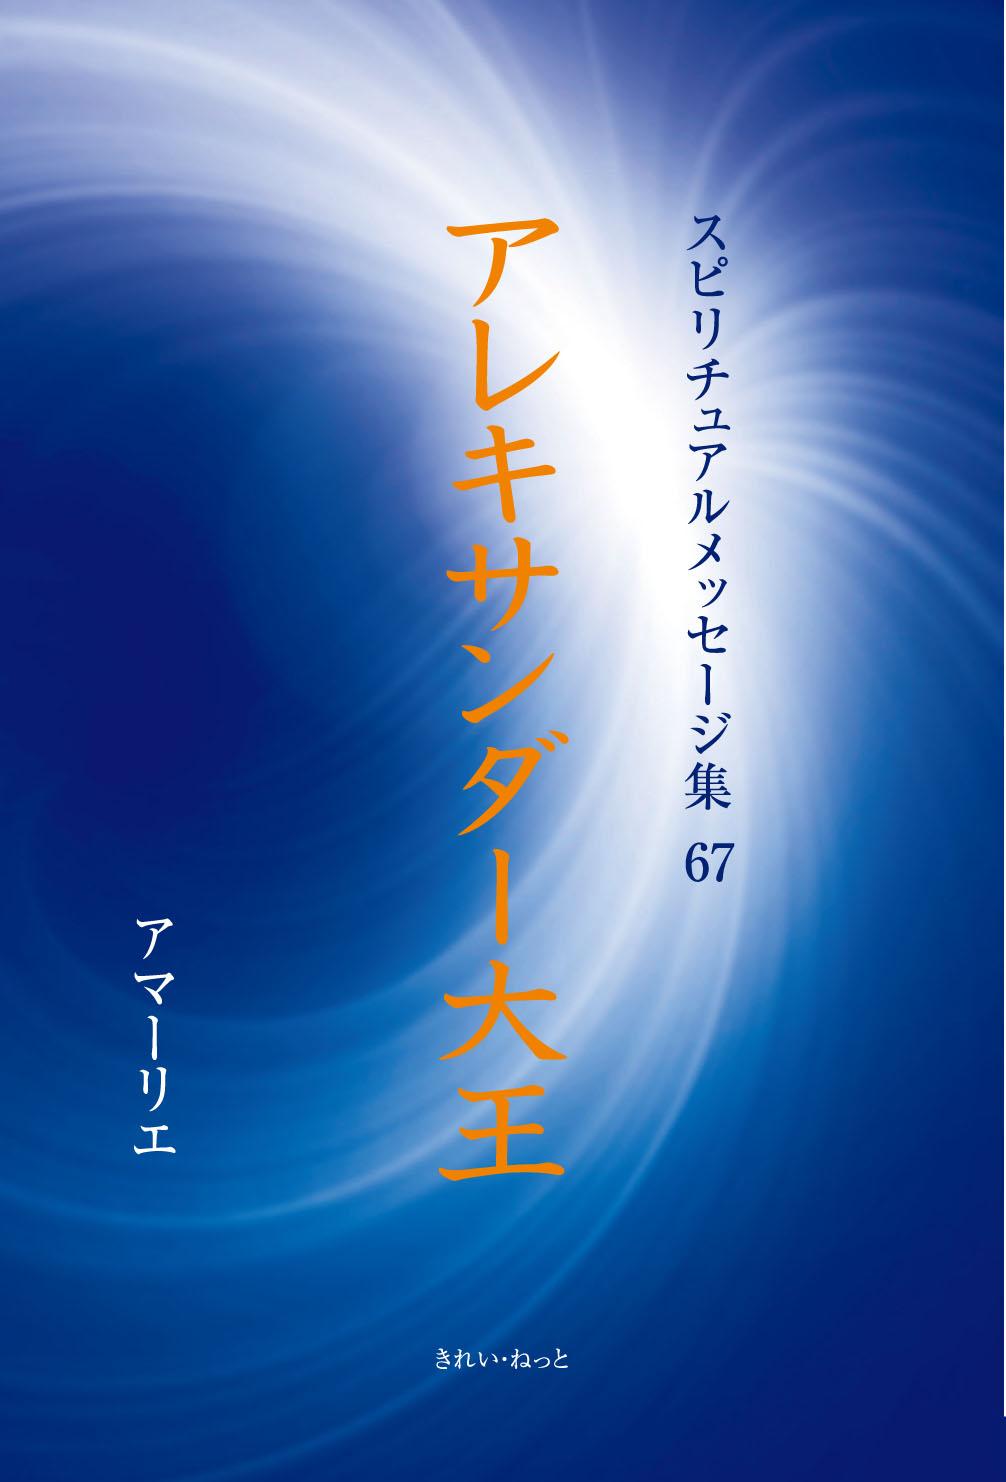 画像1: スピリチュアルメッセージ集67 アレキサンダー大王 (1)